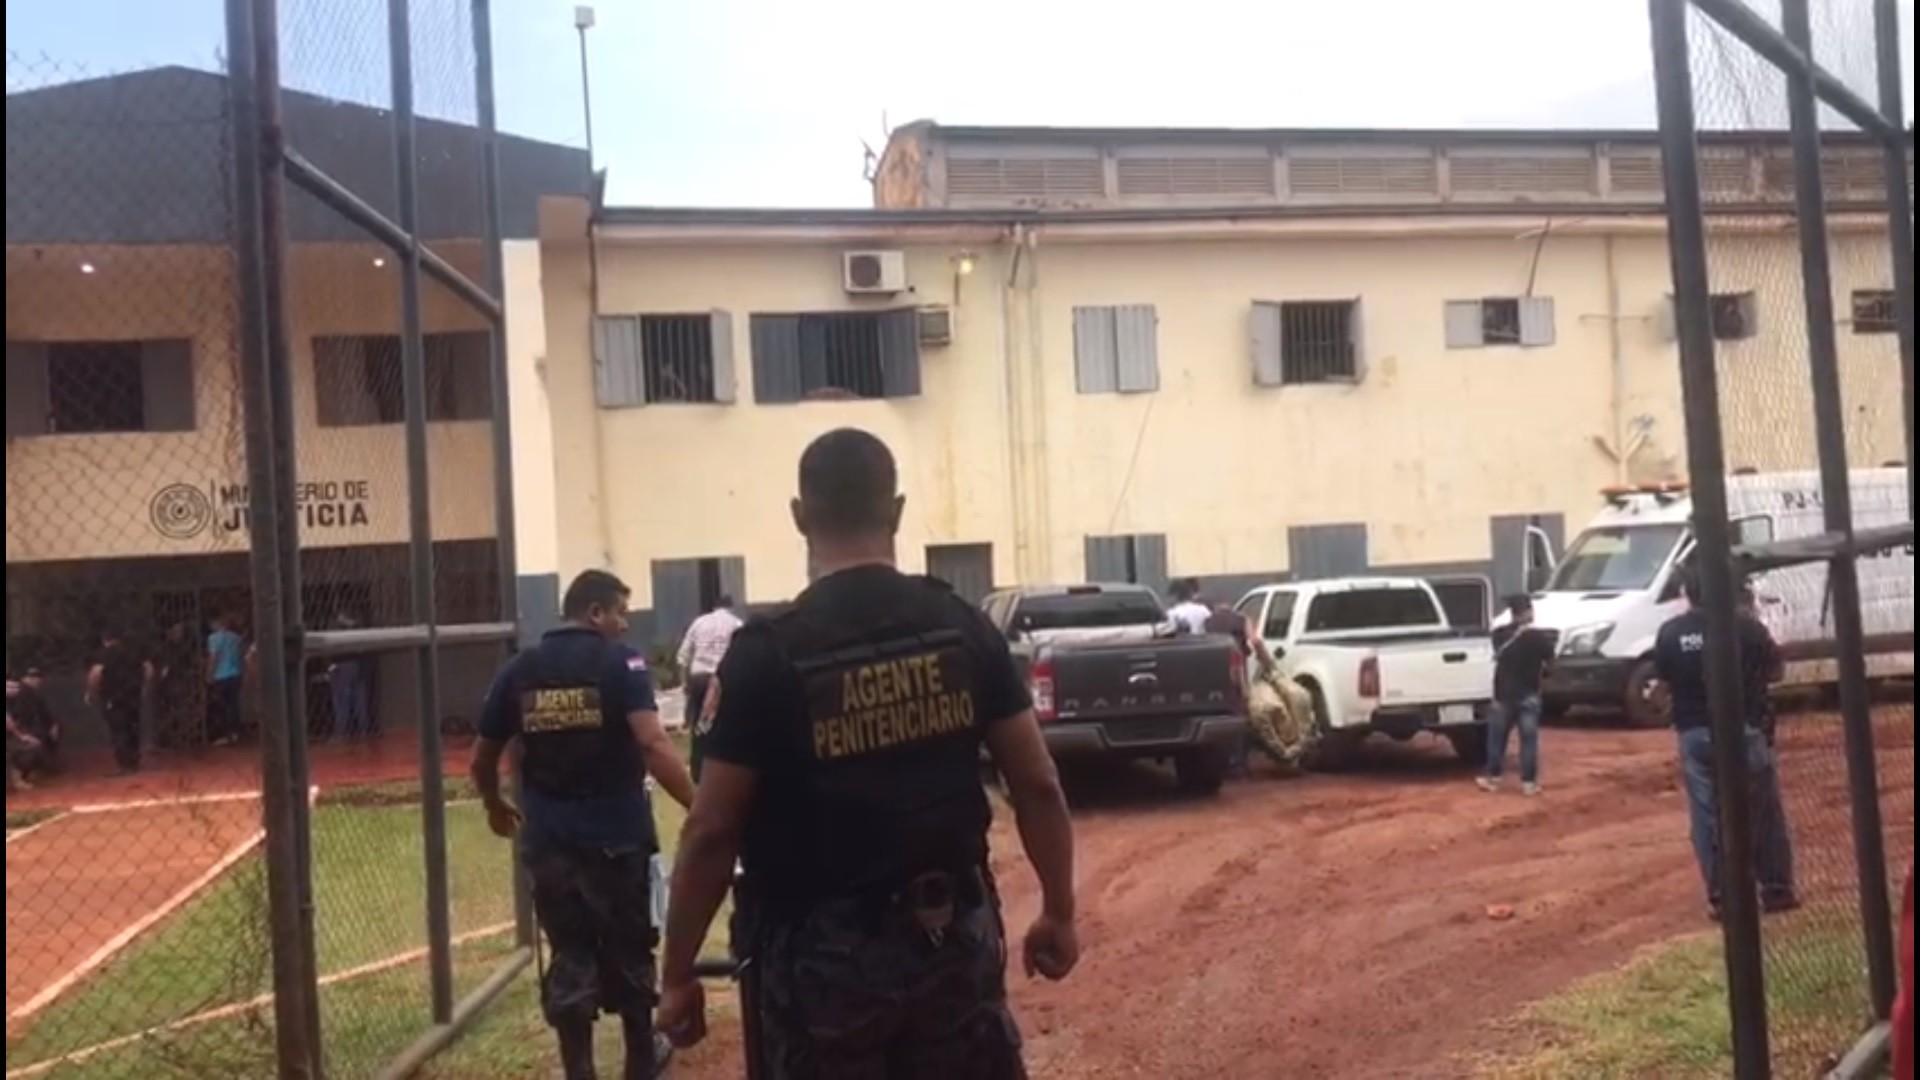 Justiça solta 4 agentes penitenciários presos após fuga de 76 detentos do Paraguai